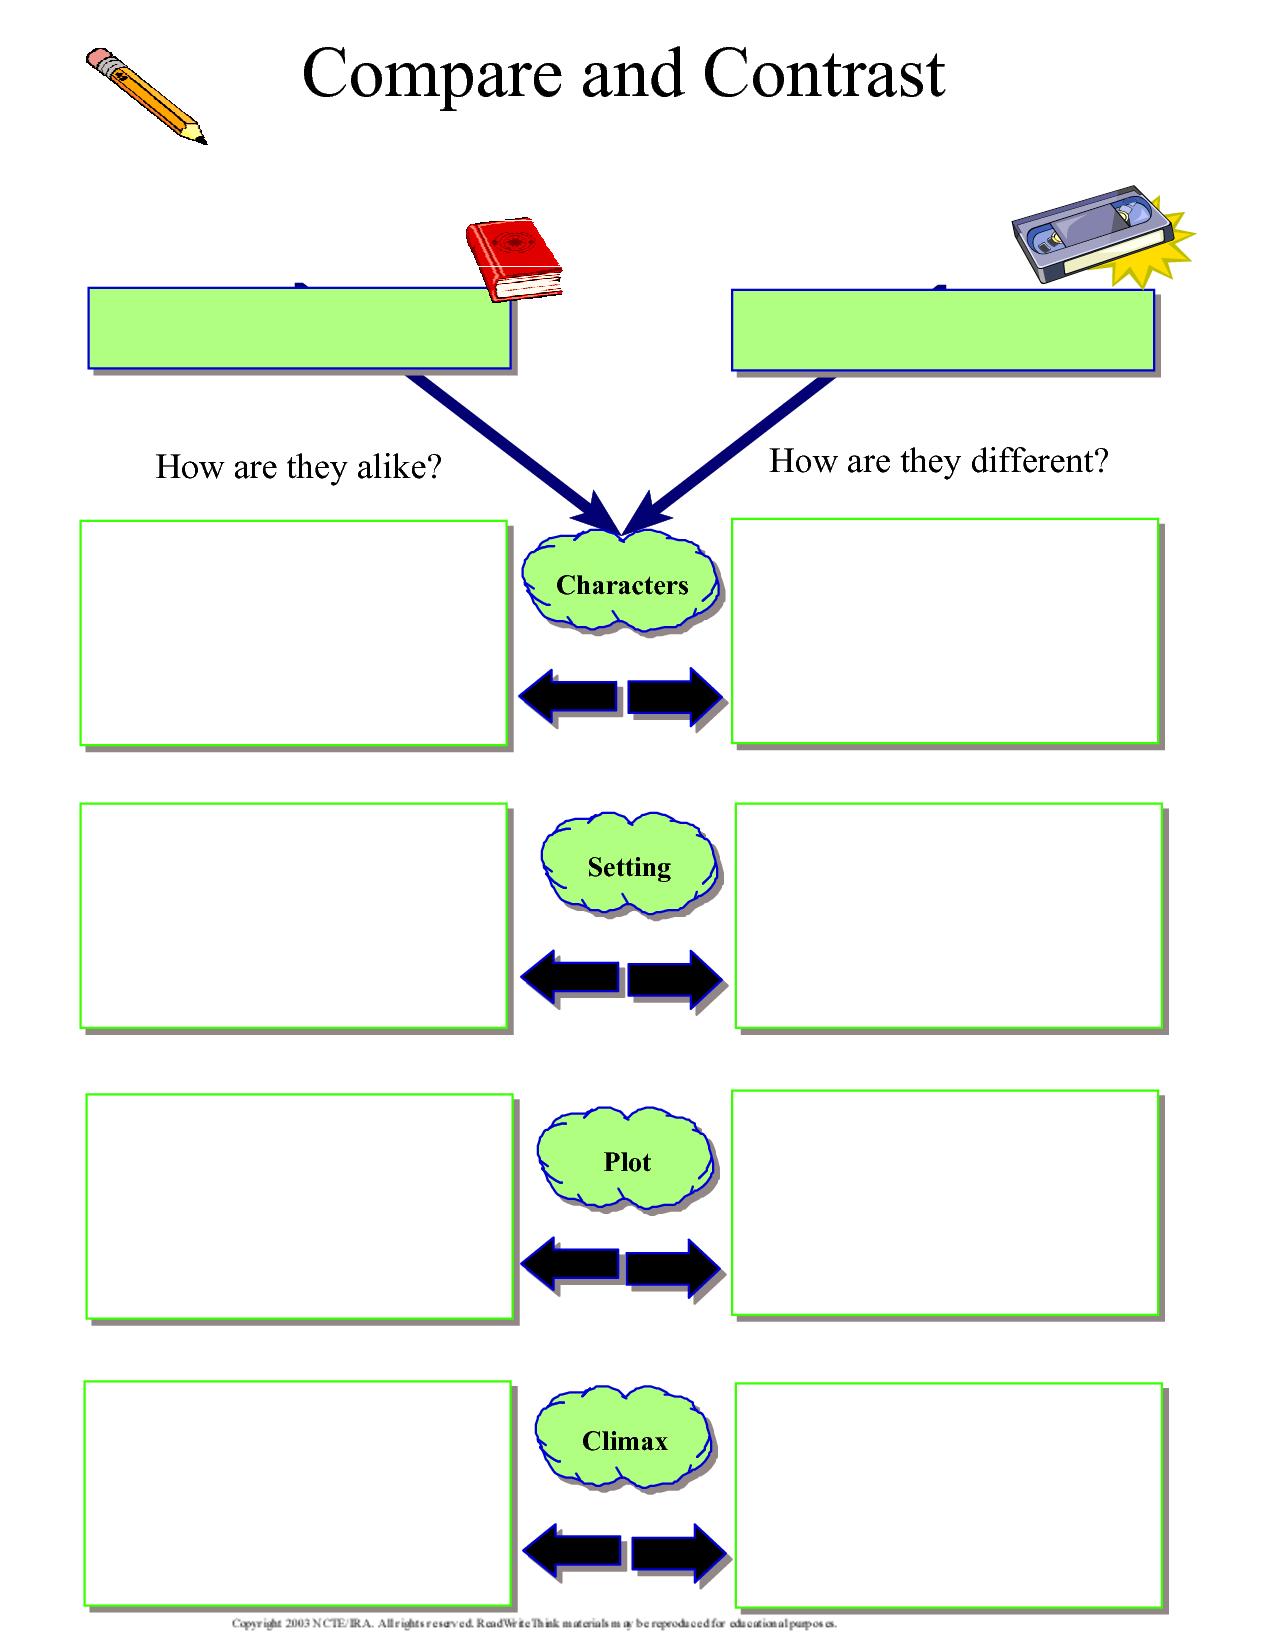 Compare And Contrast Worksheet Kindergarten Worksheets Compare And Contrast Character Trait Worksheets [ 1650 x 1275 Pixel ]